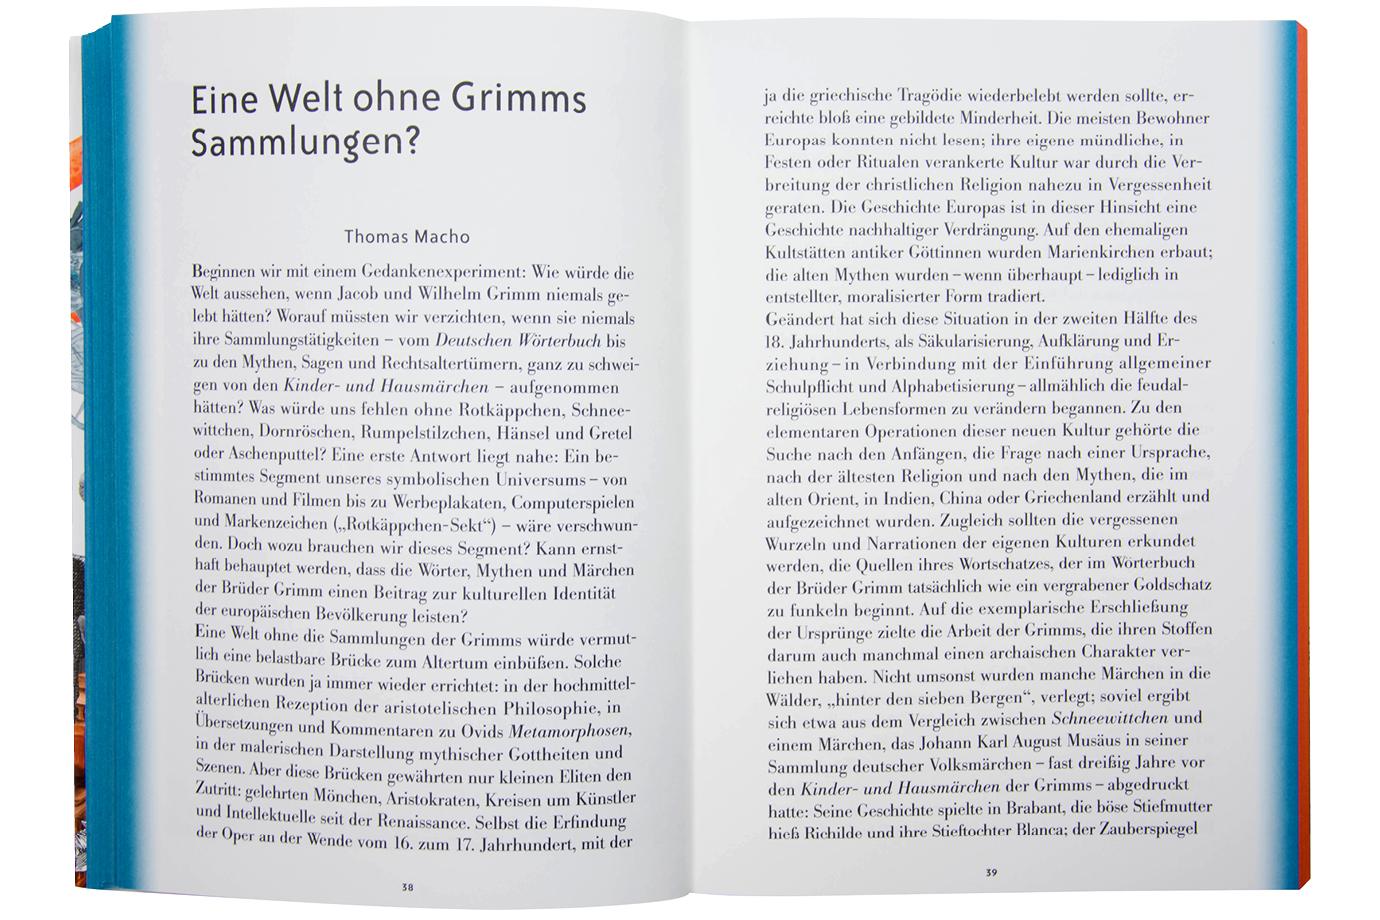 http://e-o-t.de/wordpress/wp-content/uploads/2017/05/2015_eot-Grimmwelt-Book-04.jpg